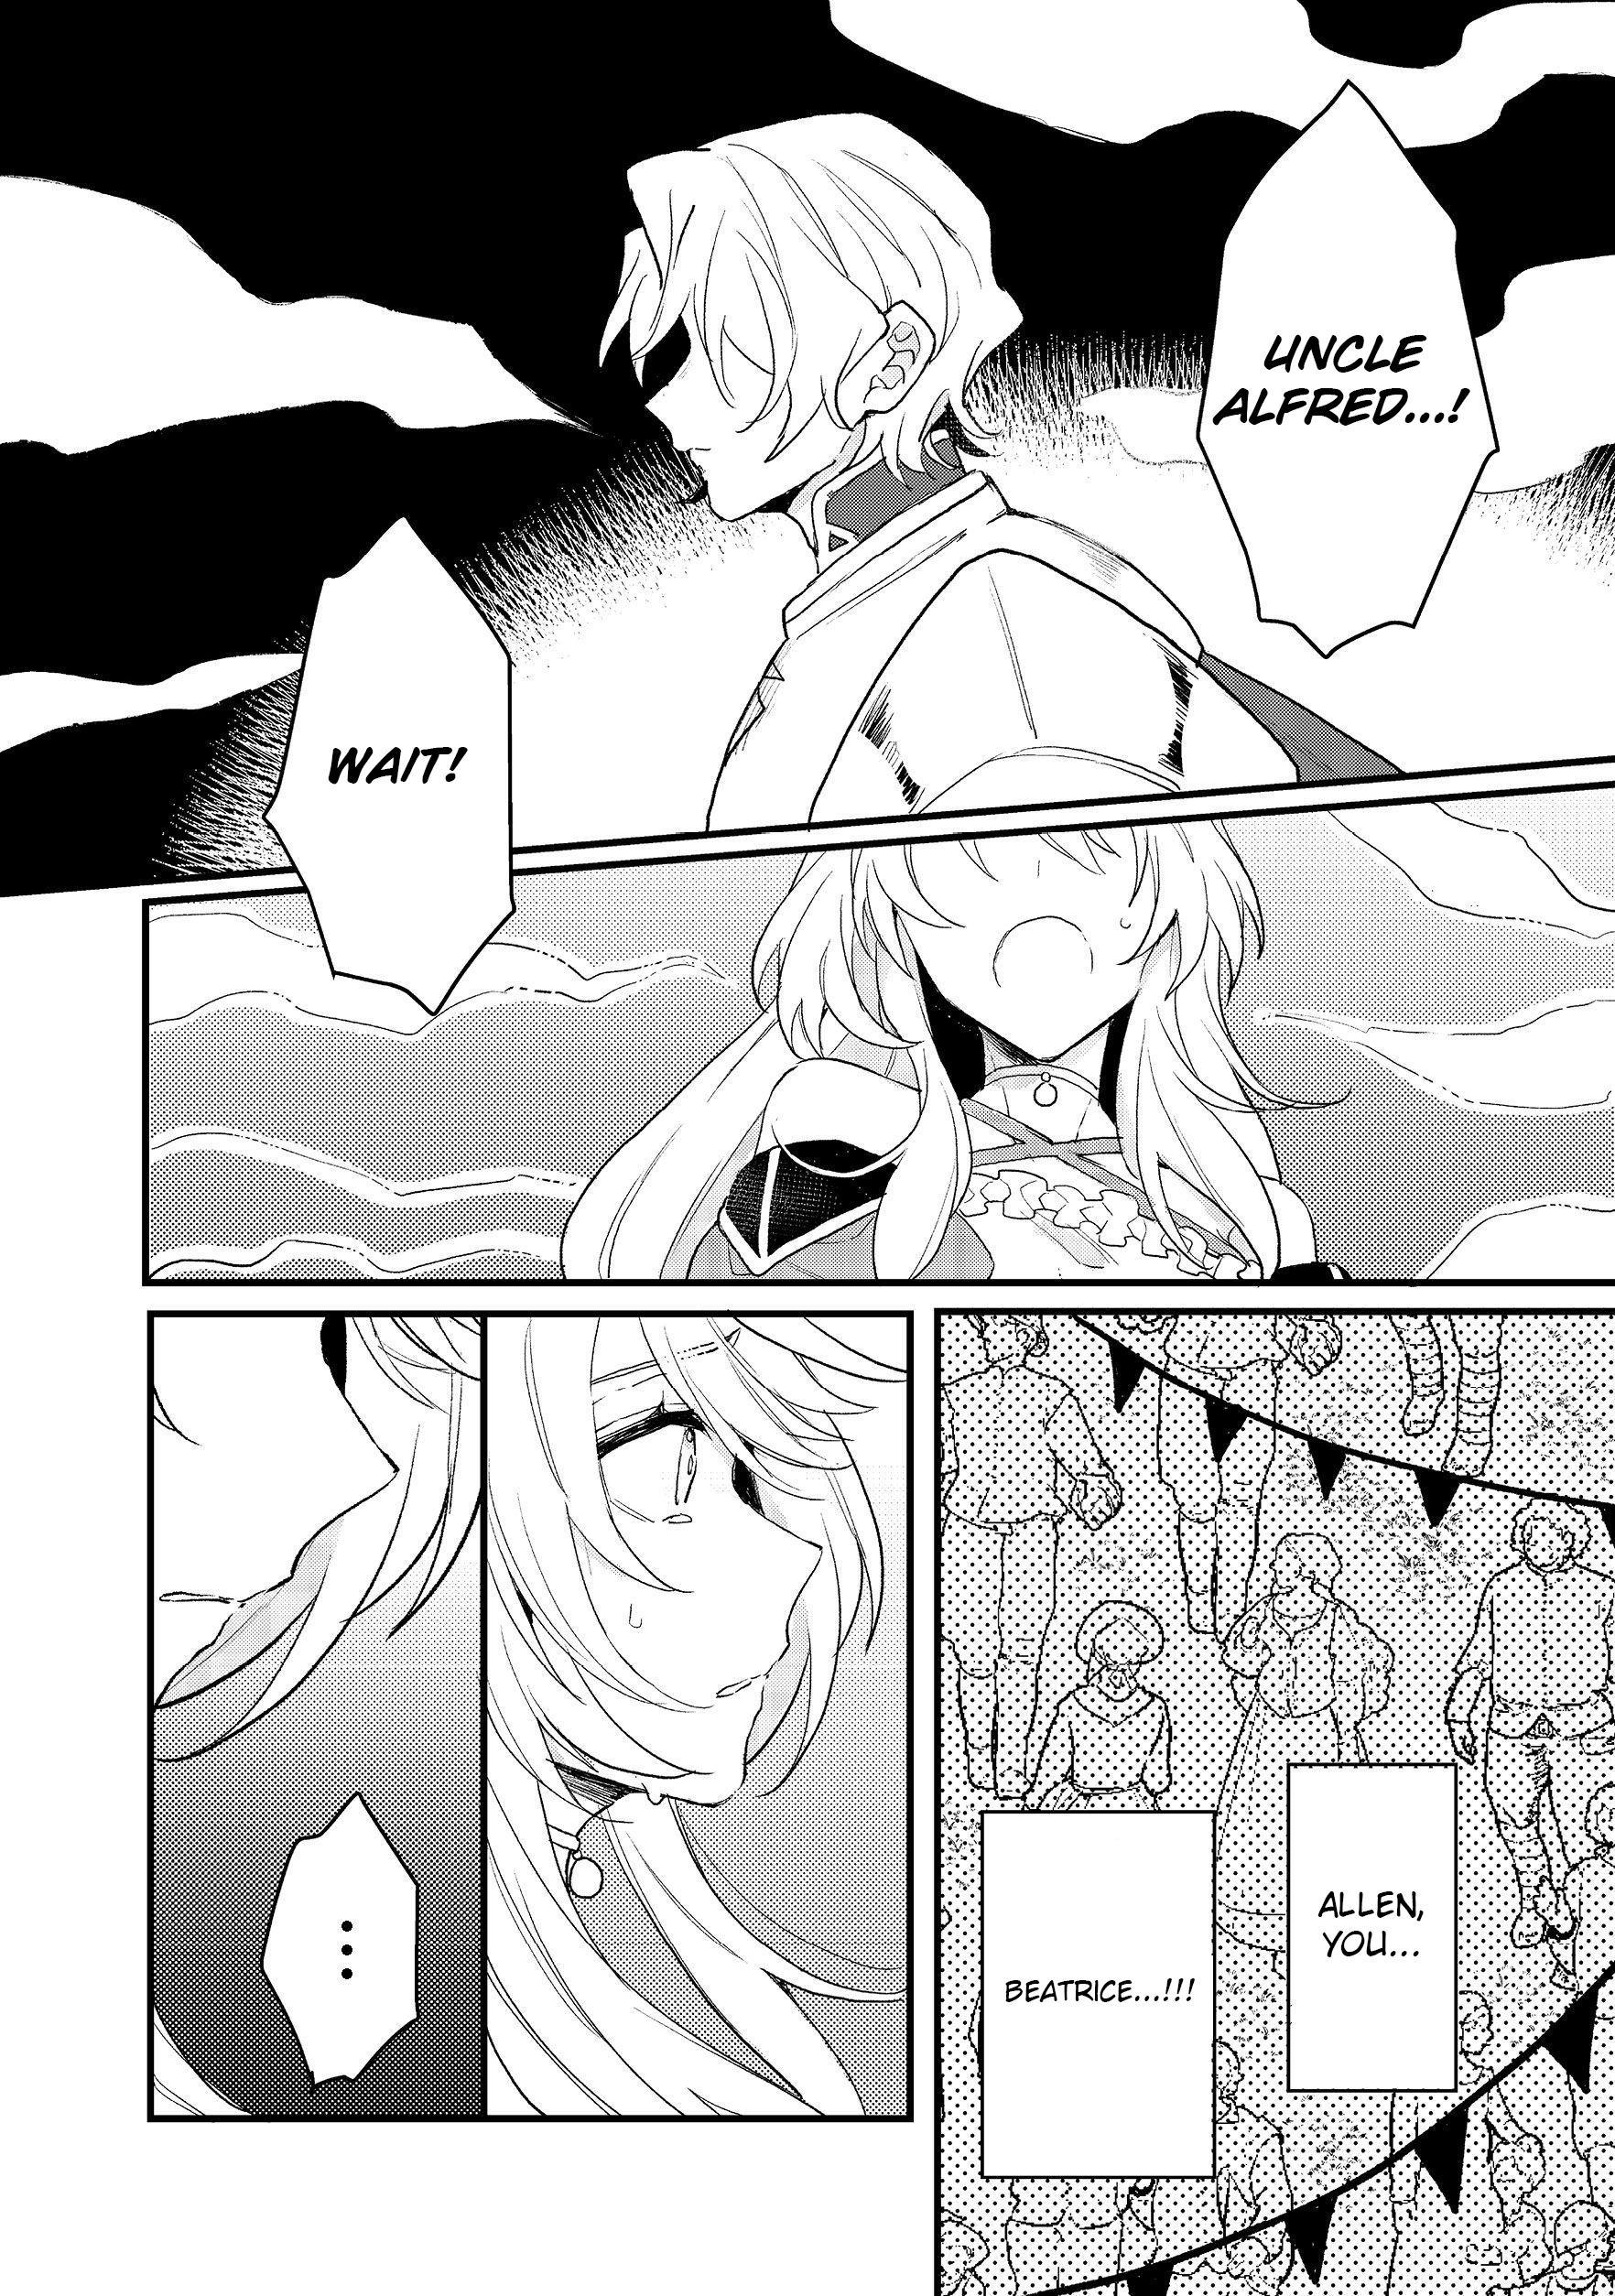 Dekisokonai To Yobareta Moto Eiyuu Wa, Jikka Kara Tsuihousareta No De Suki Katte Ni Ikiru Koto Ni Shita Chapter 11.2 page 2 - Mangakakalots.com